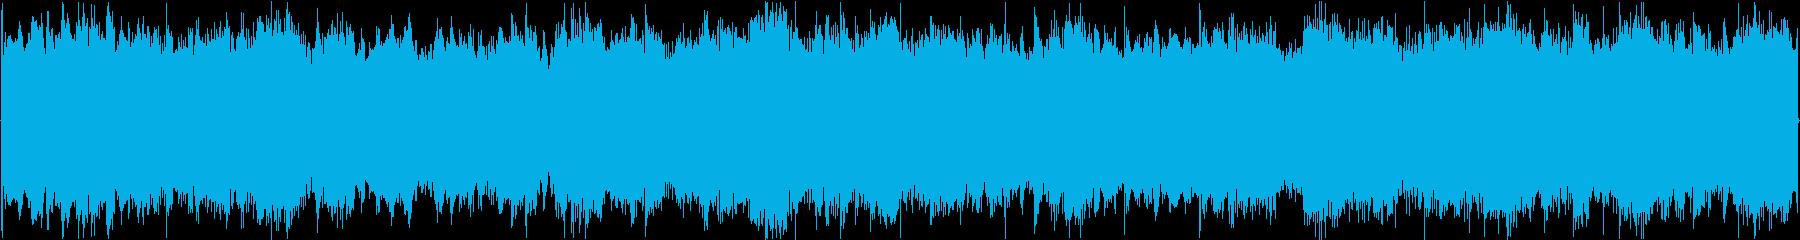 爽やかでほんのり楽しげなループBGMの再生済みの波形